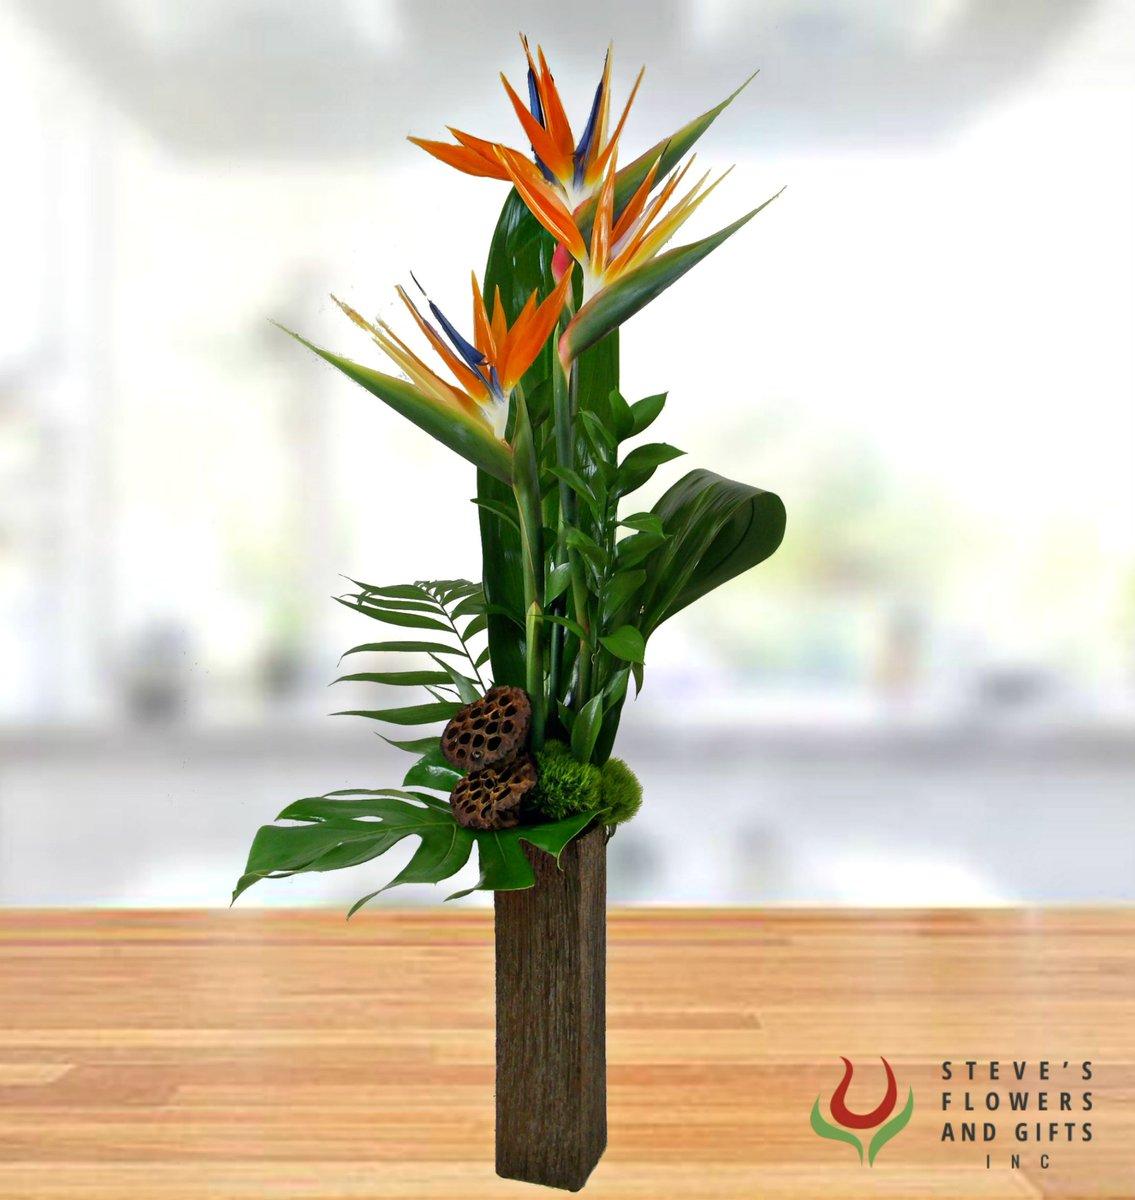 Steves flowers indy stevesflowers twitter 0 replies 1 retweet 0 likes izmirmasajfo